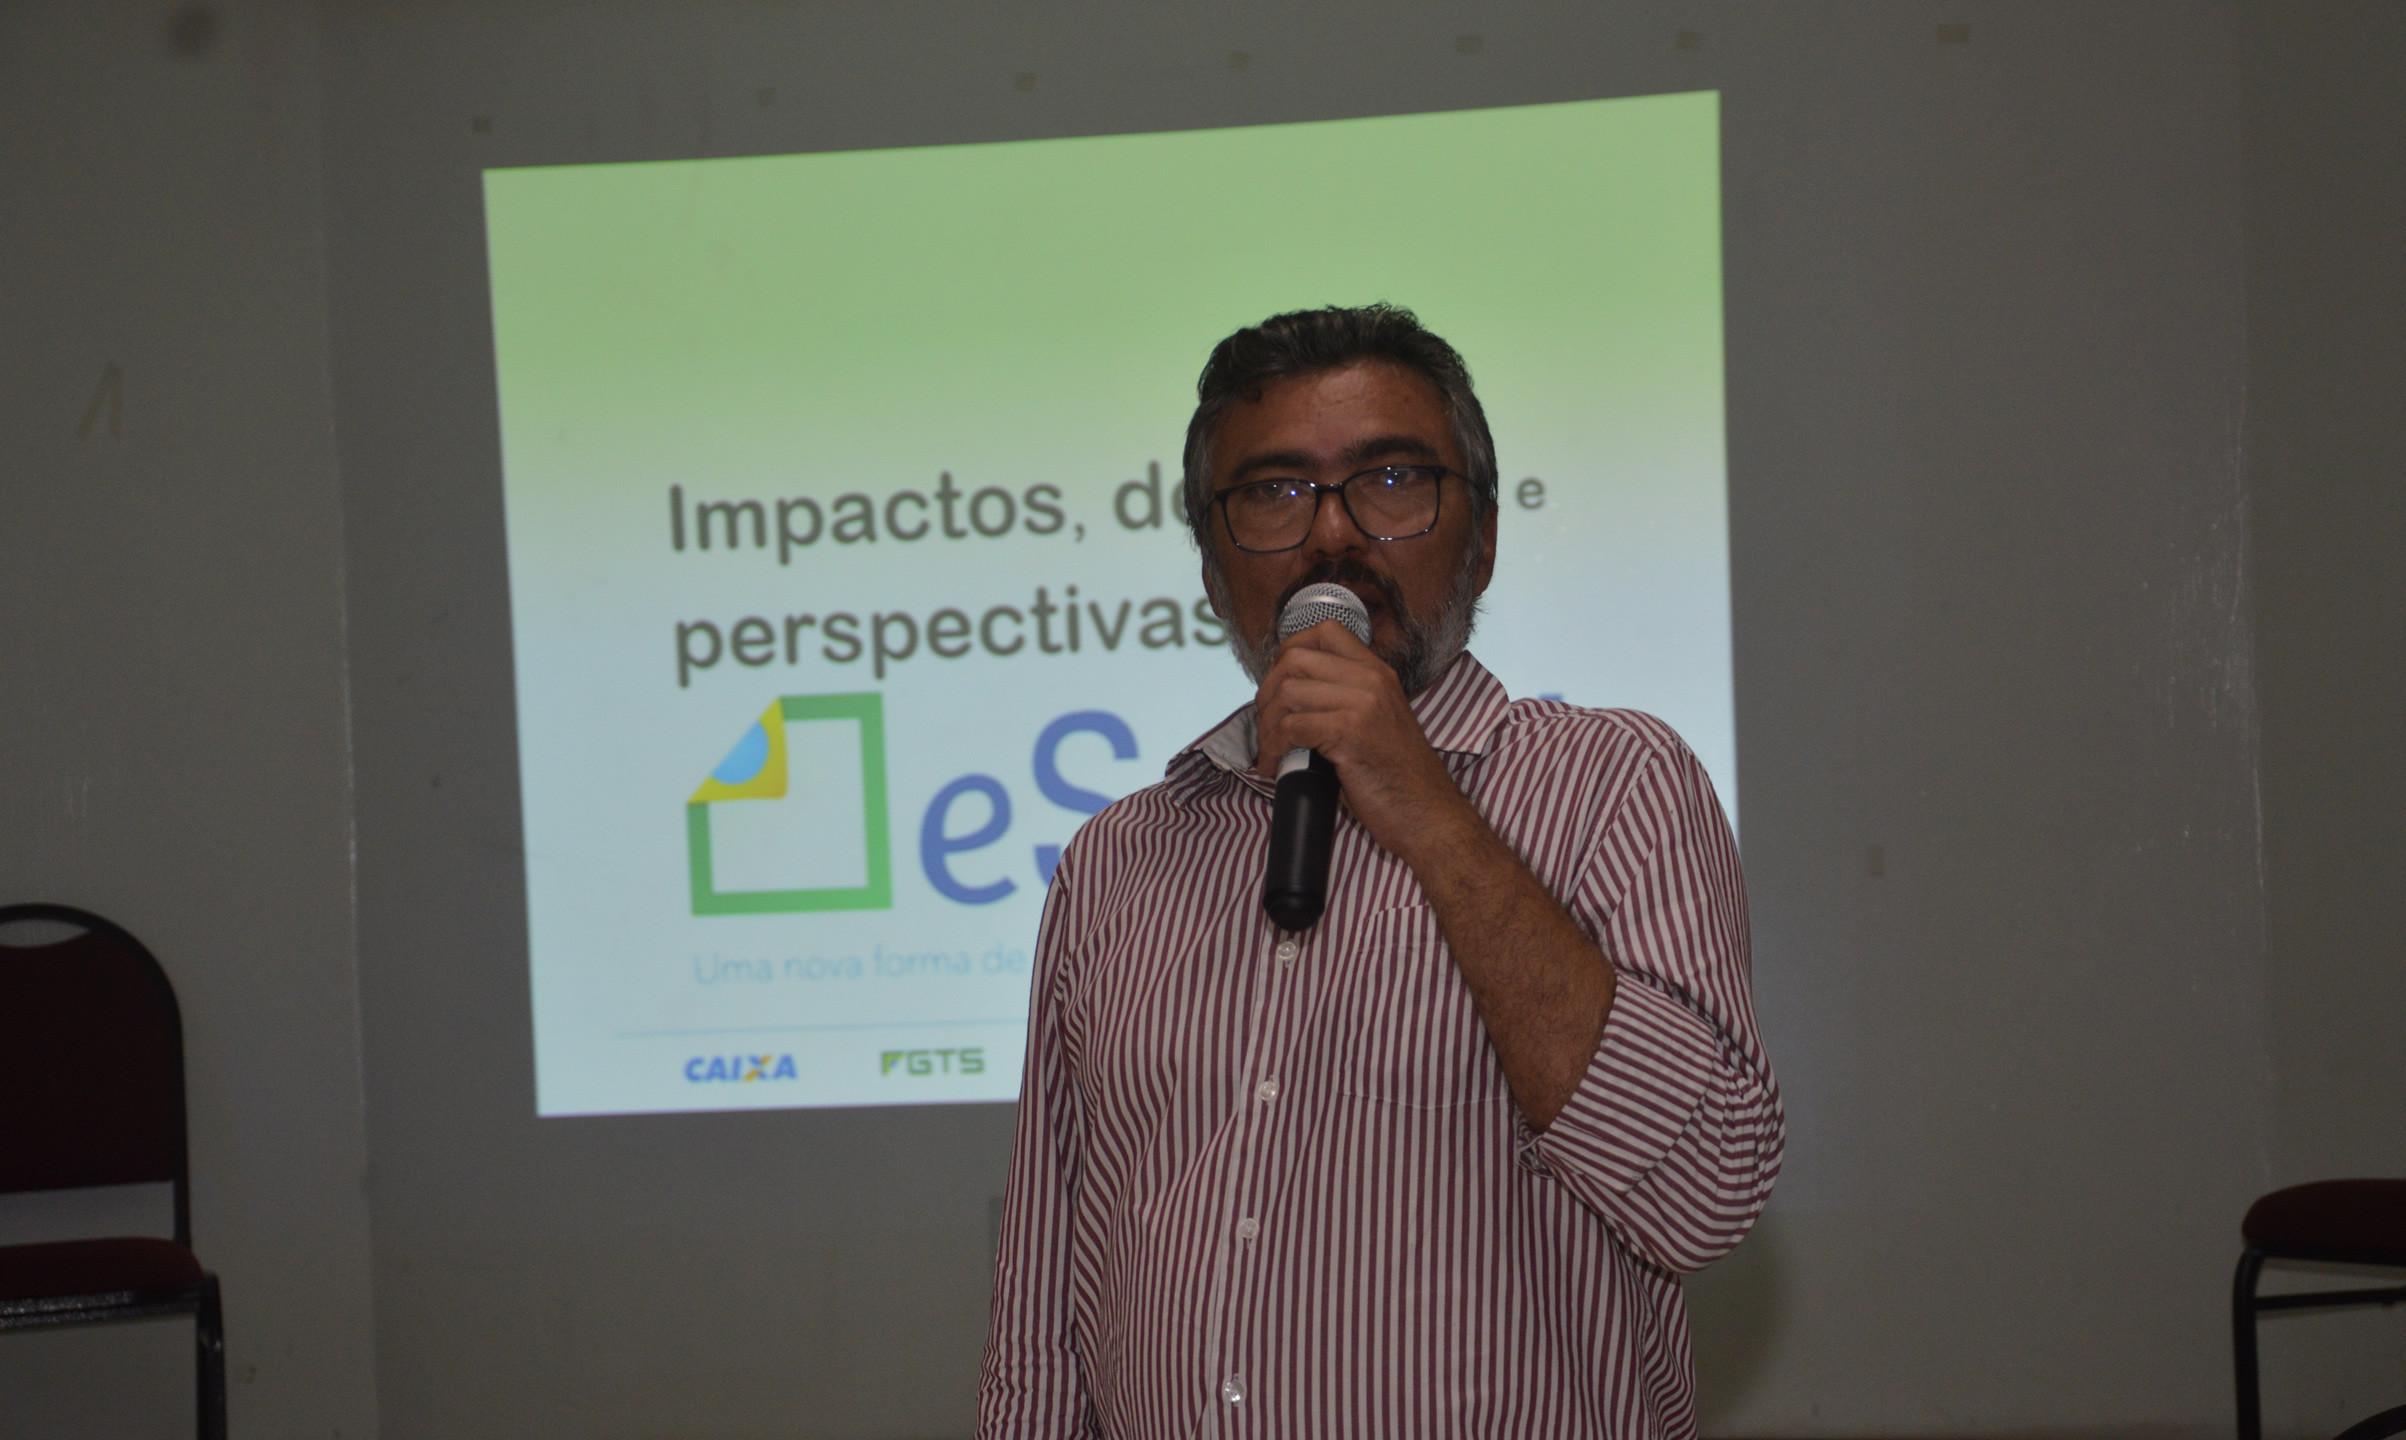 O Pres. da CDL SLZ Fábio Ribeiro comandou a plenária e ressaltou a importância dos debates sobre o eSOCIAL para os lojistas.